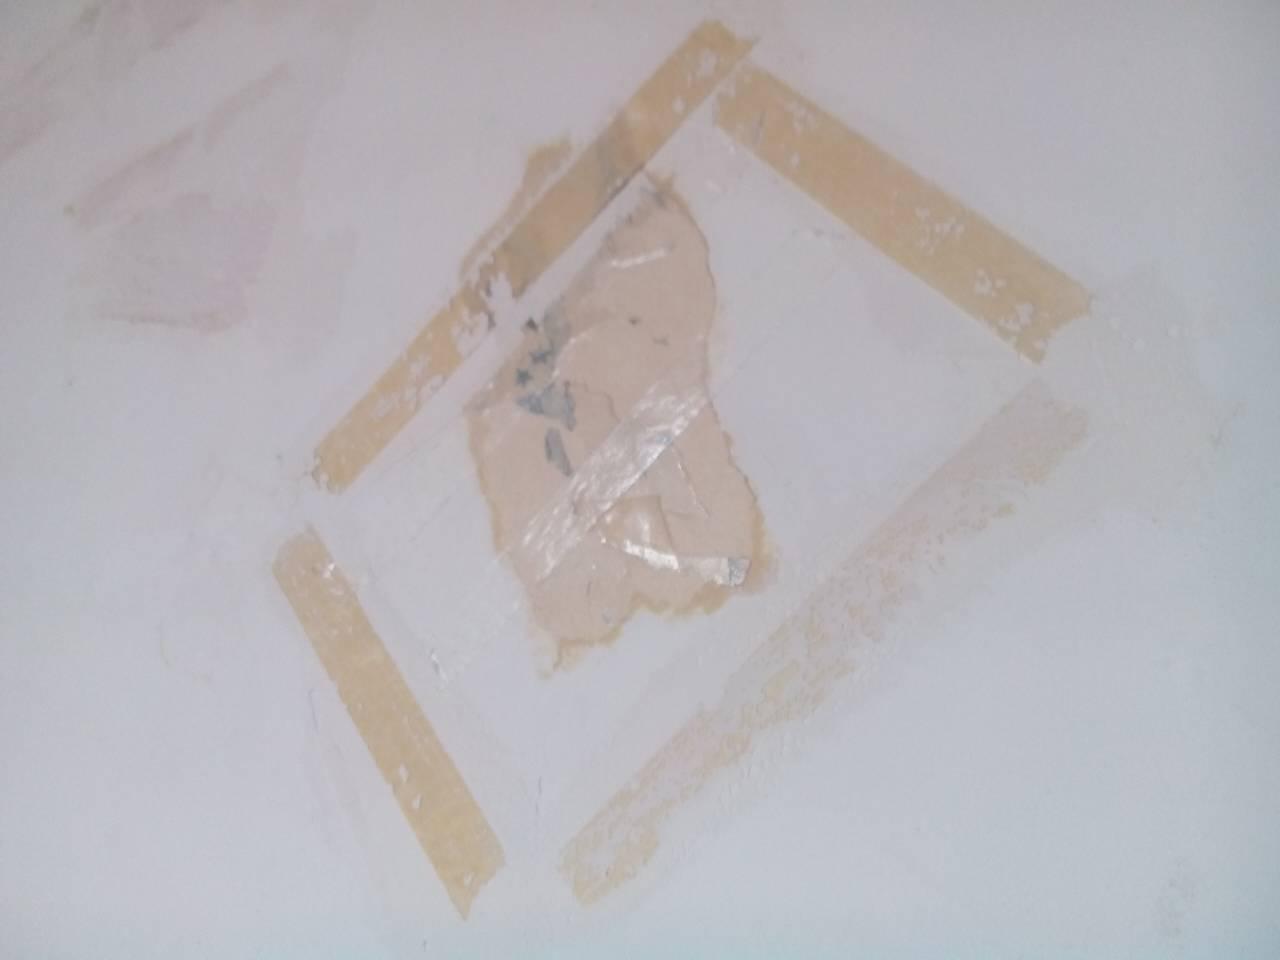 如何去除墙壁上残留的双面胶的污渍(已经发黄,硬了,拨